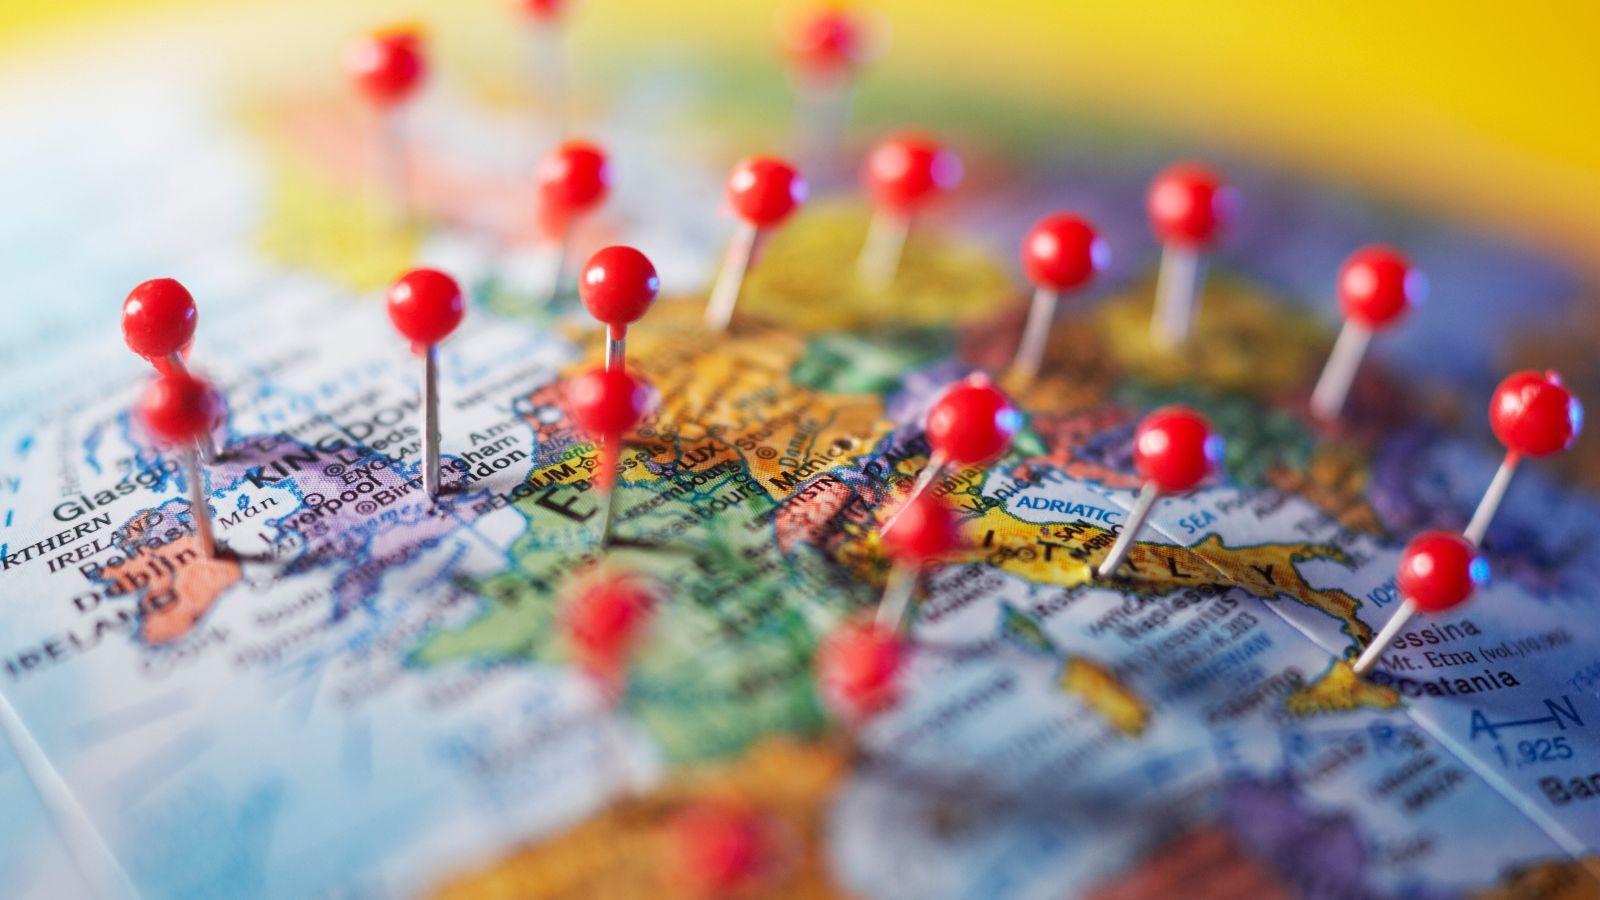 Nahaufnahme eines mit Nadeln gespickten Globus, Fokus auf Europa